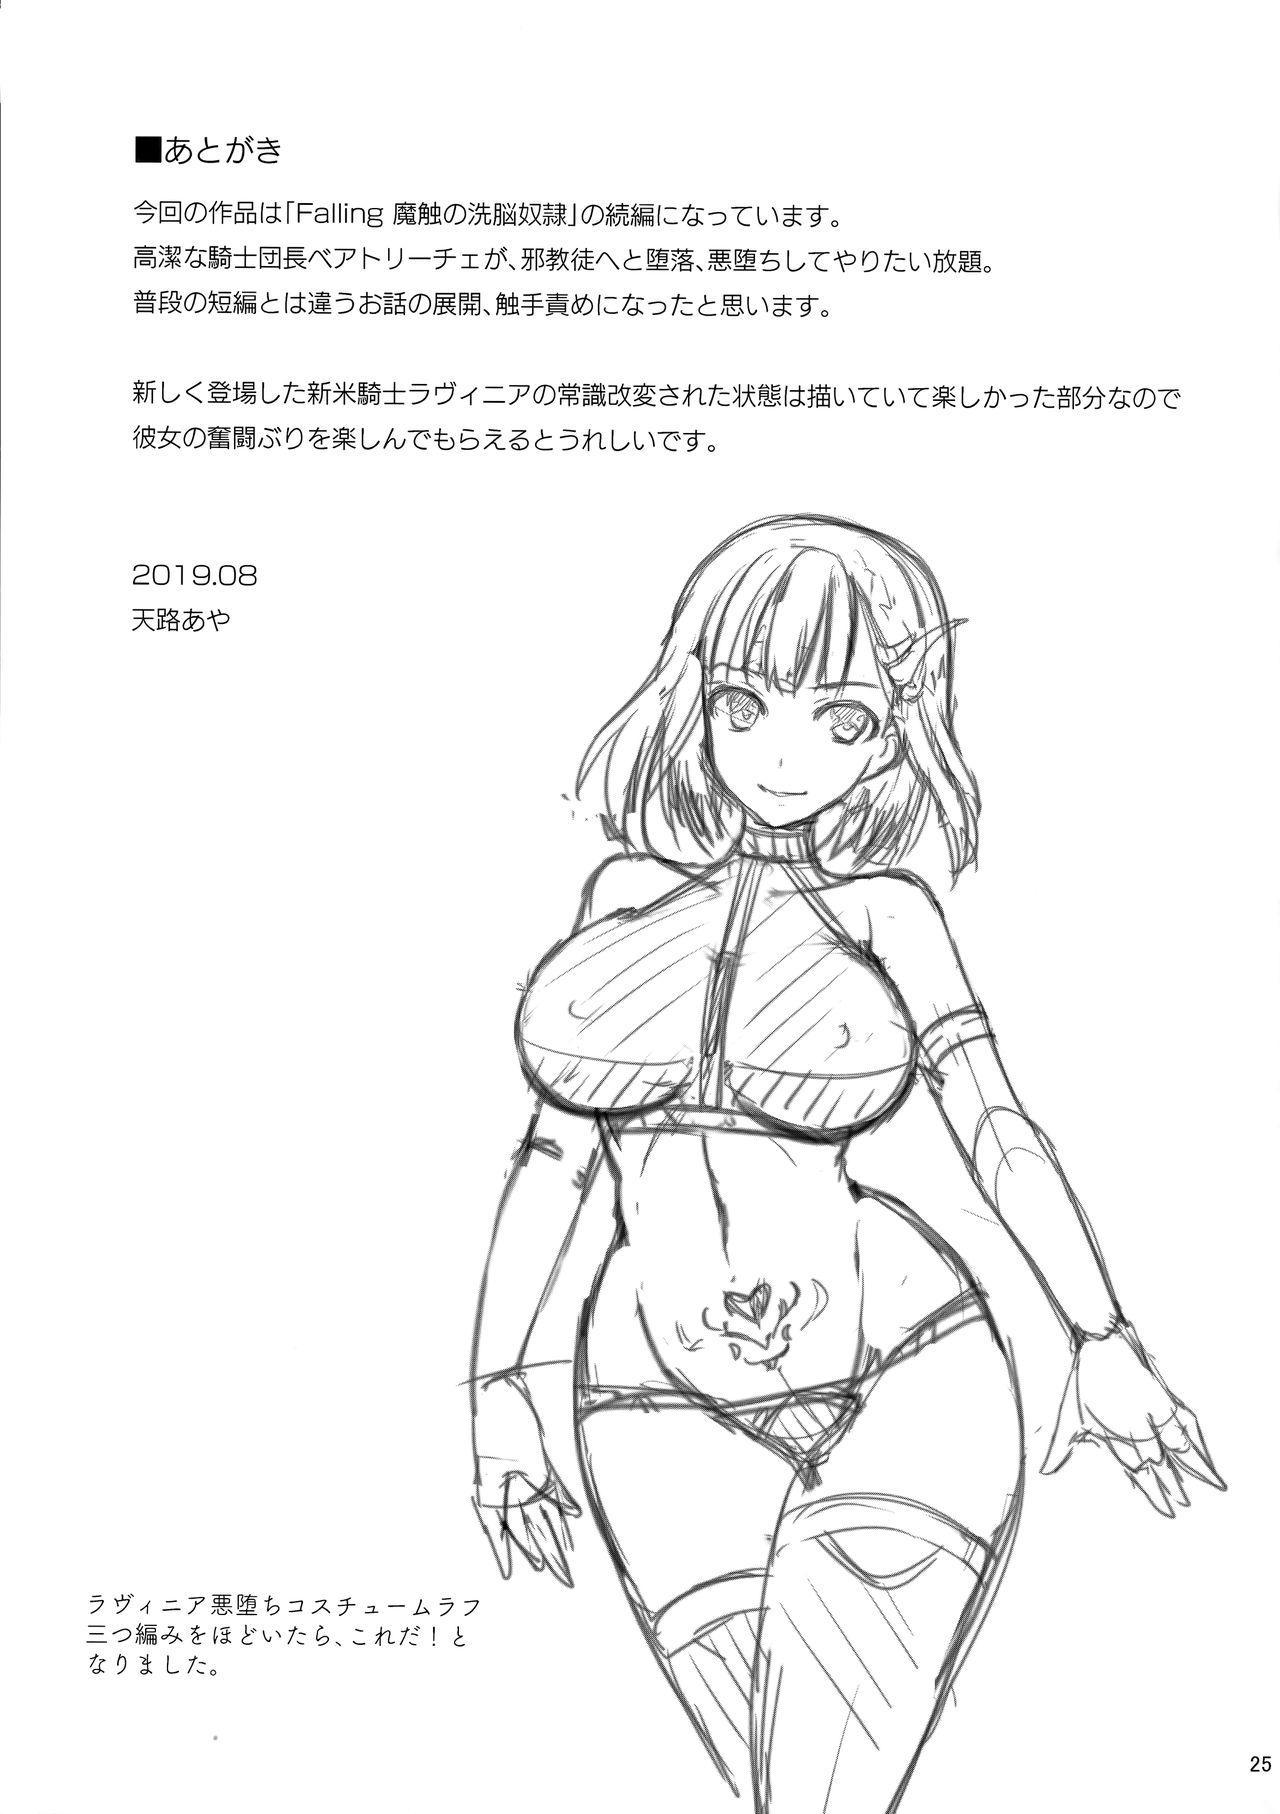 Infection Shinmai Kishi Lavinia no Junan 23